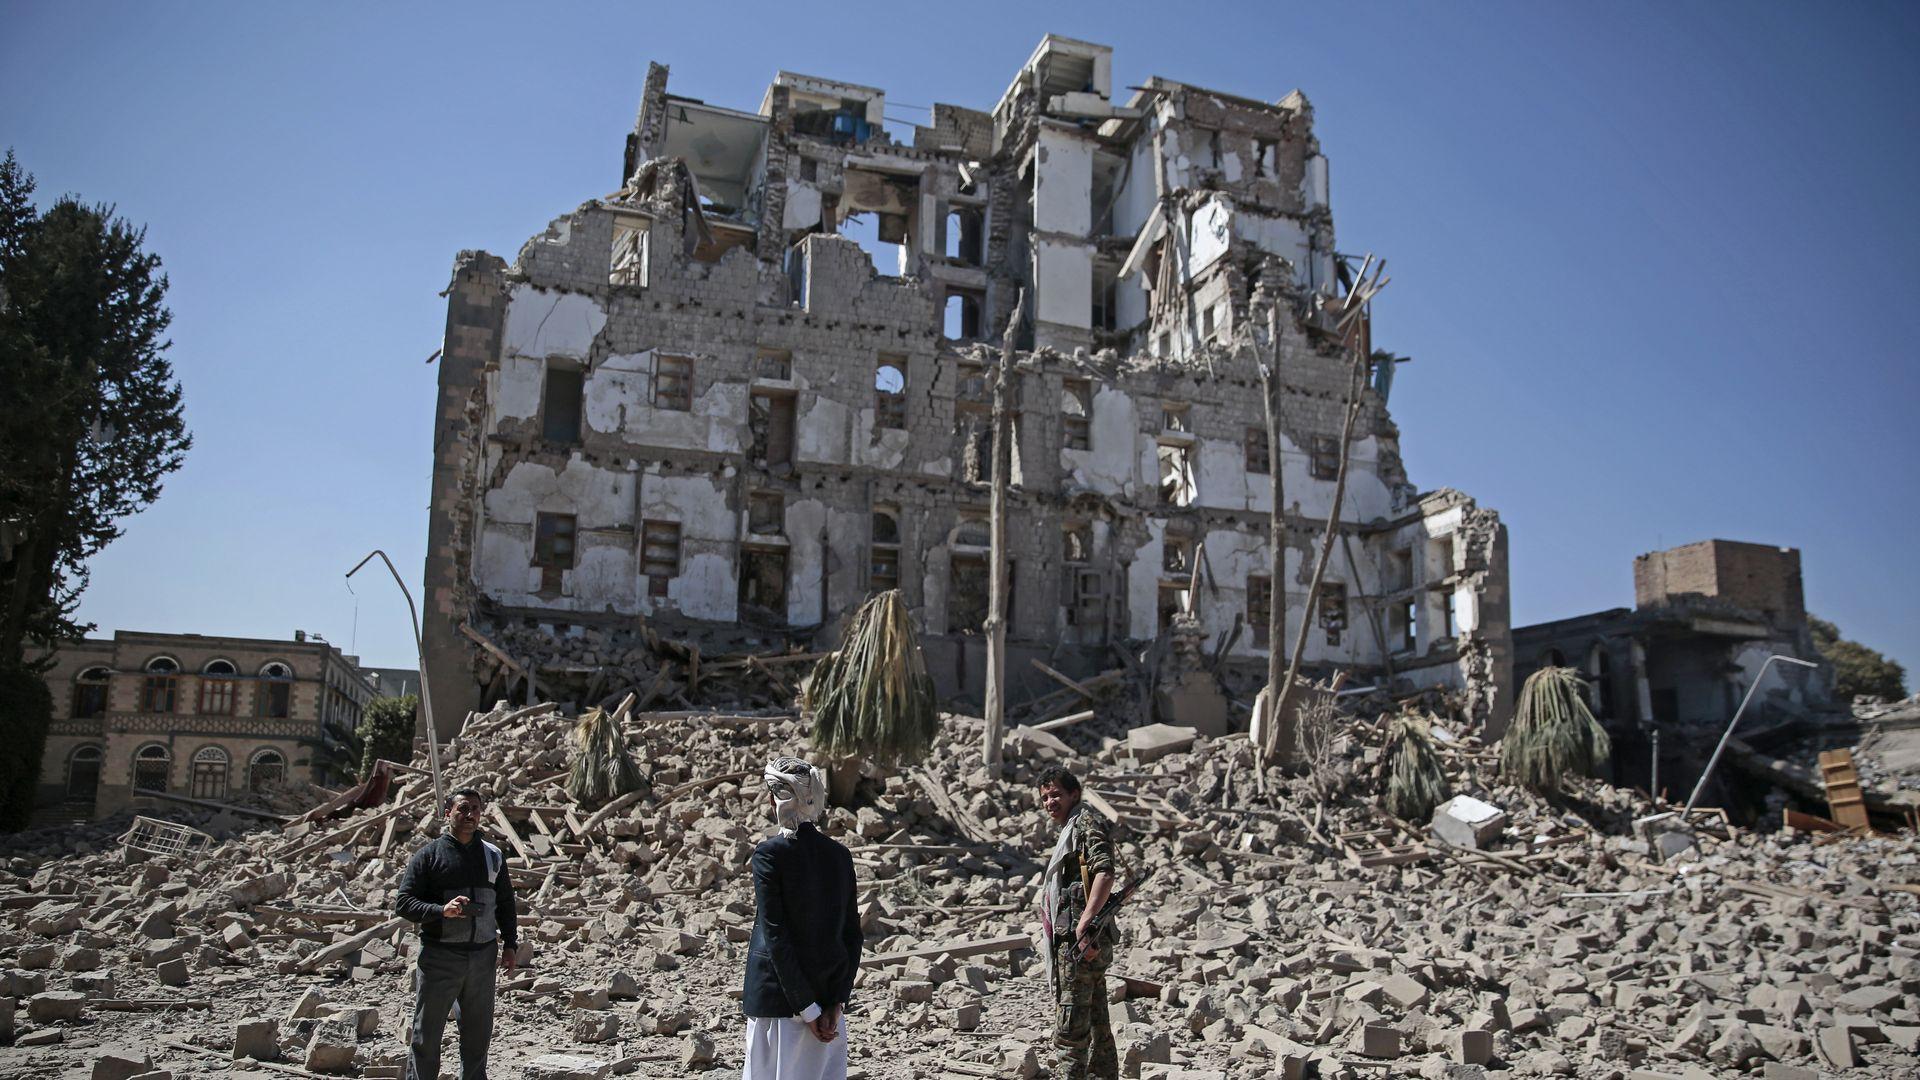 Rubble in Yemen.